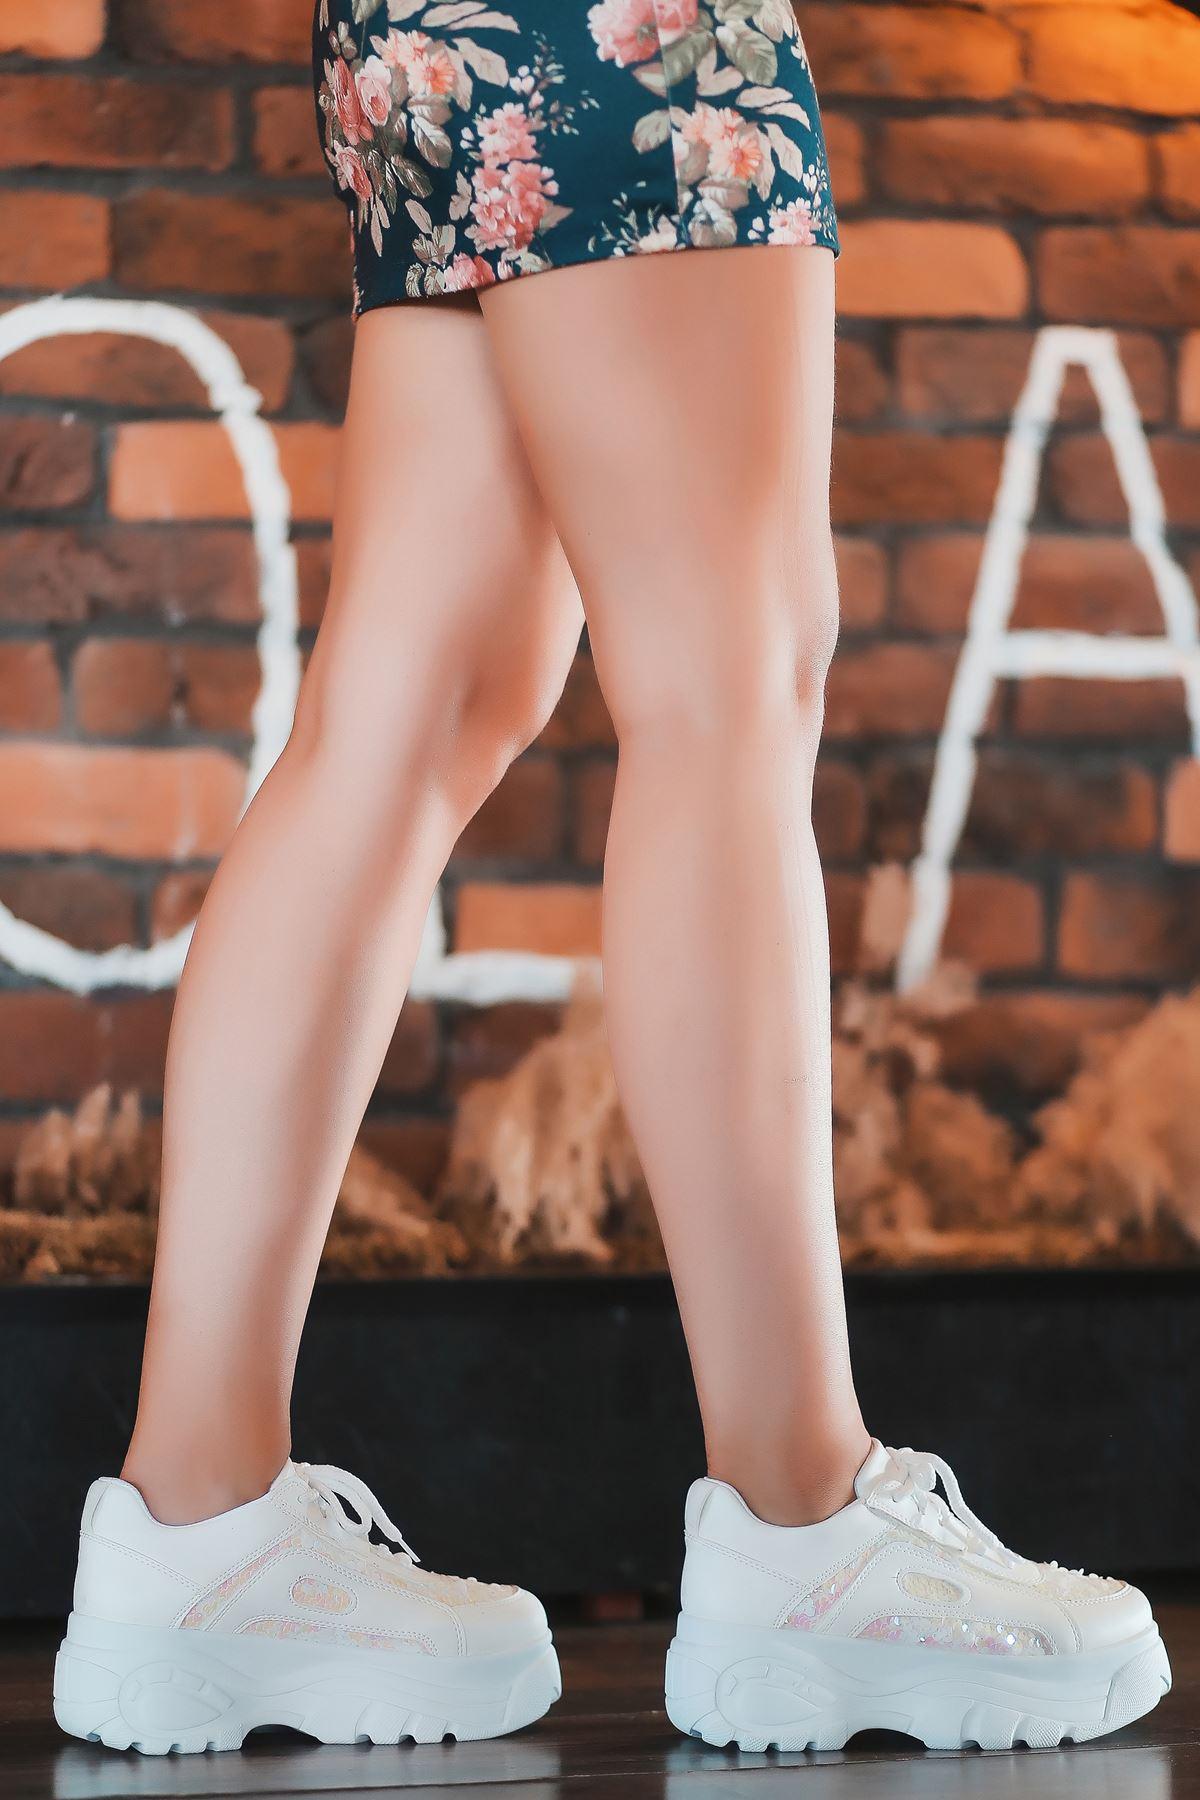 Agnes Mat Deri Pembe Pul Detay Kalın Taban Spor Ayakkabı Beyaz